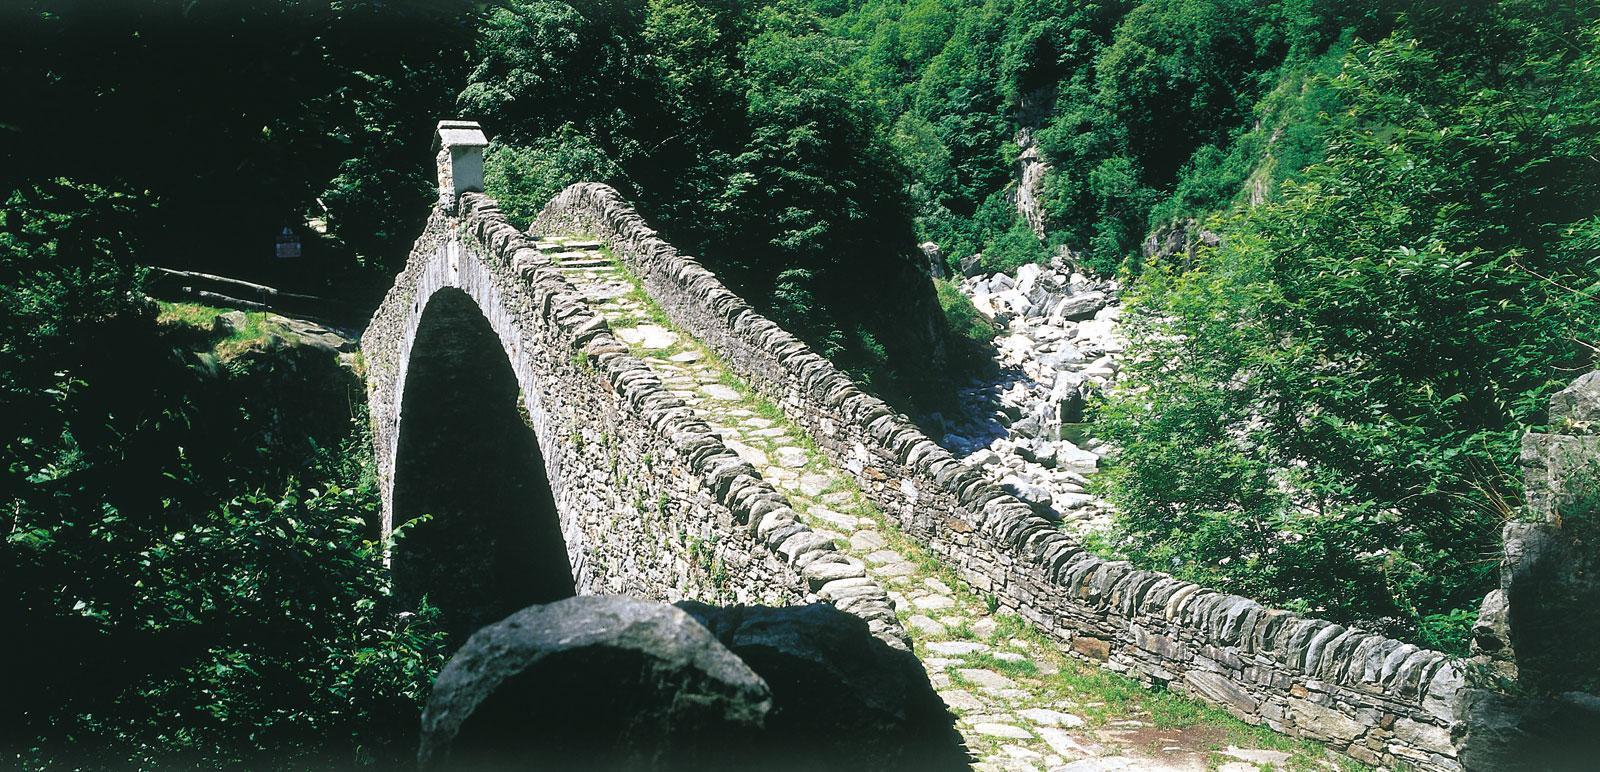 Ponte Romano bei Intragna - eine alte Steinbrücke